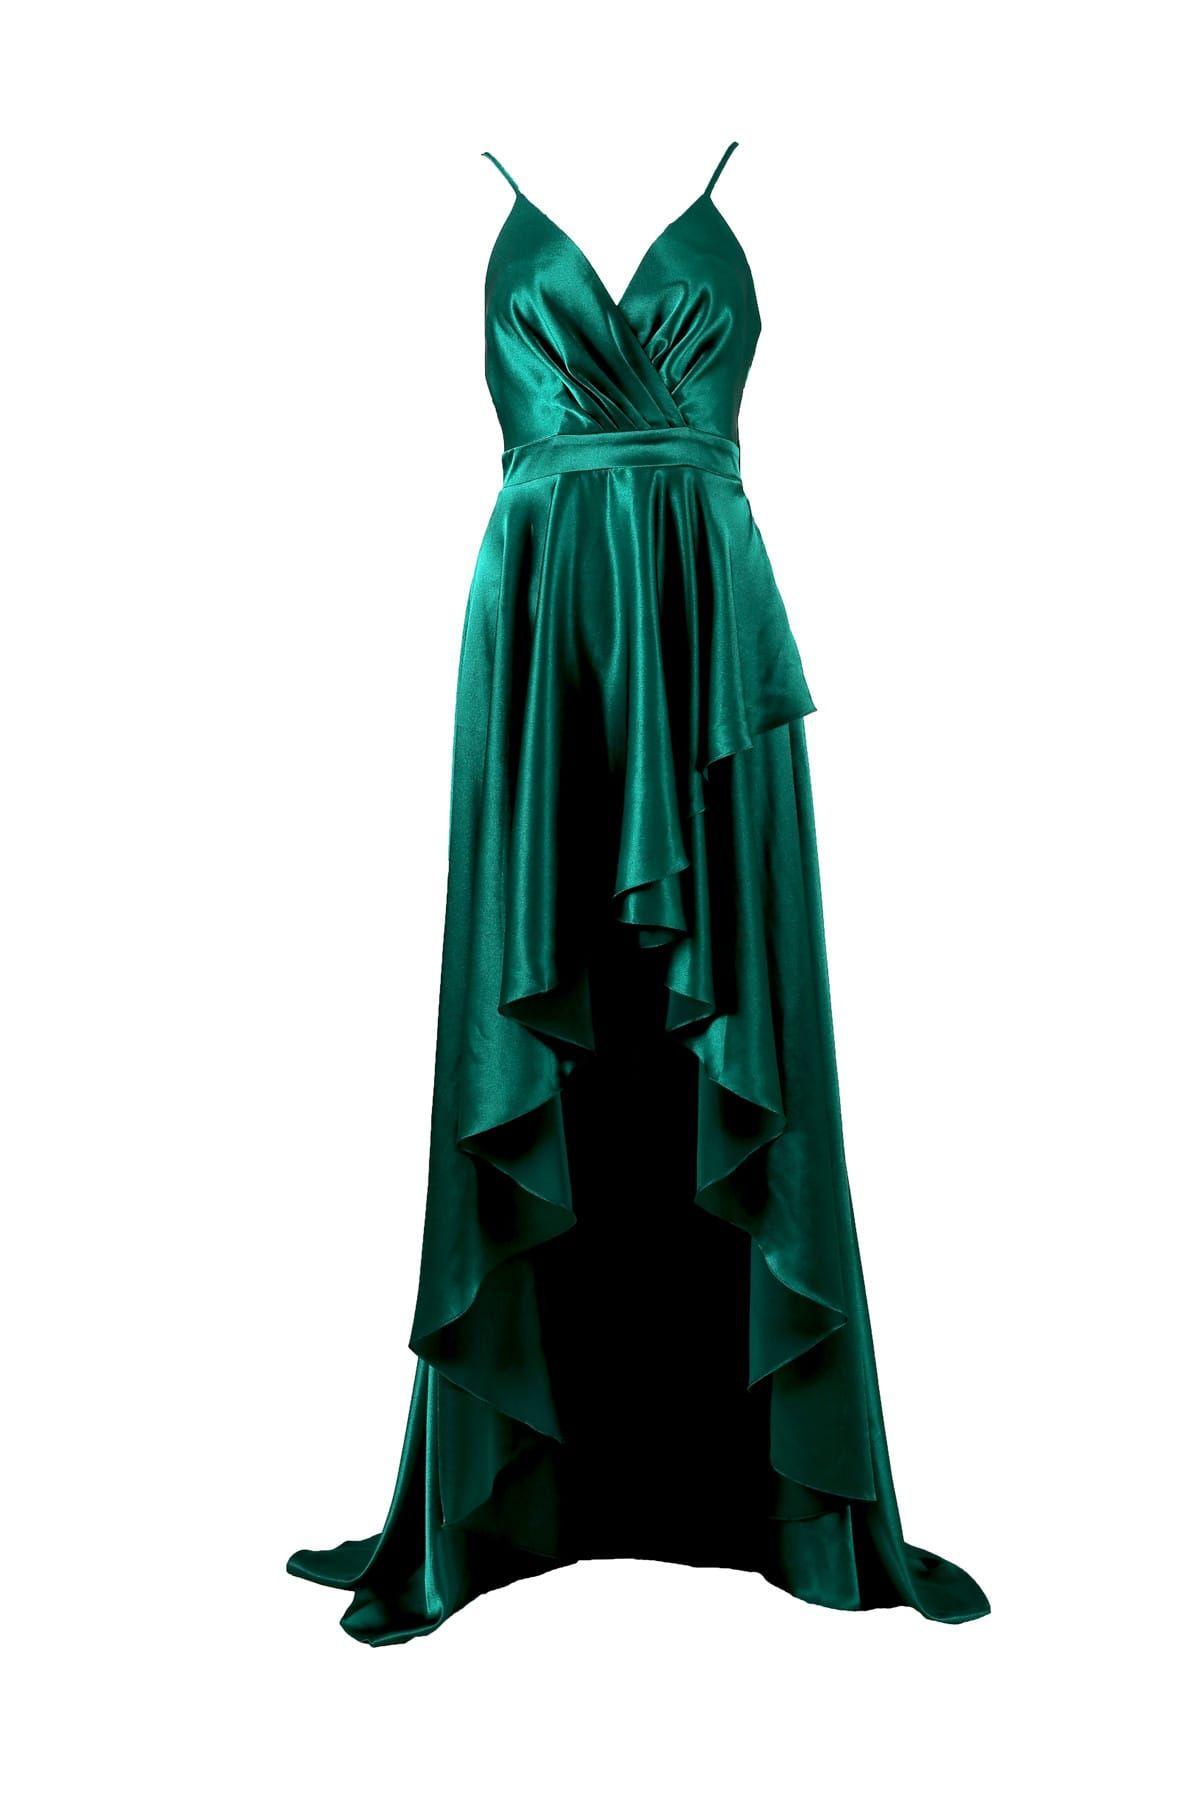 Online Alisveris Sitesi Turkiye Nin Trend Yolu Trendyol Resmi Elbise Moda Stilleri Kadin